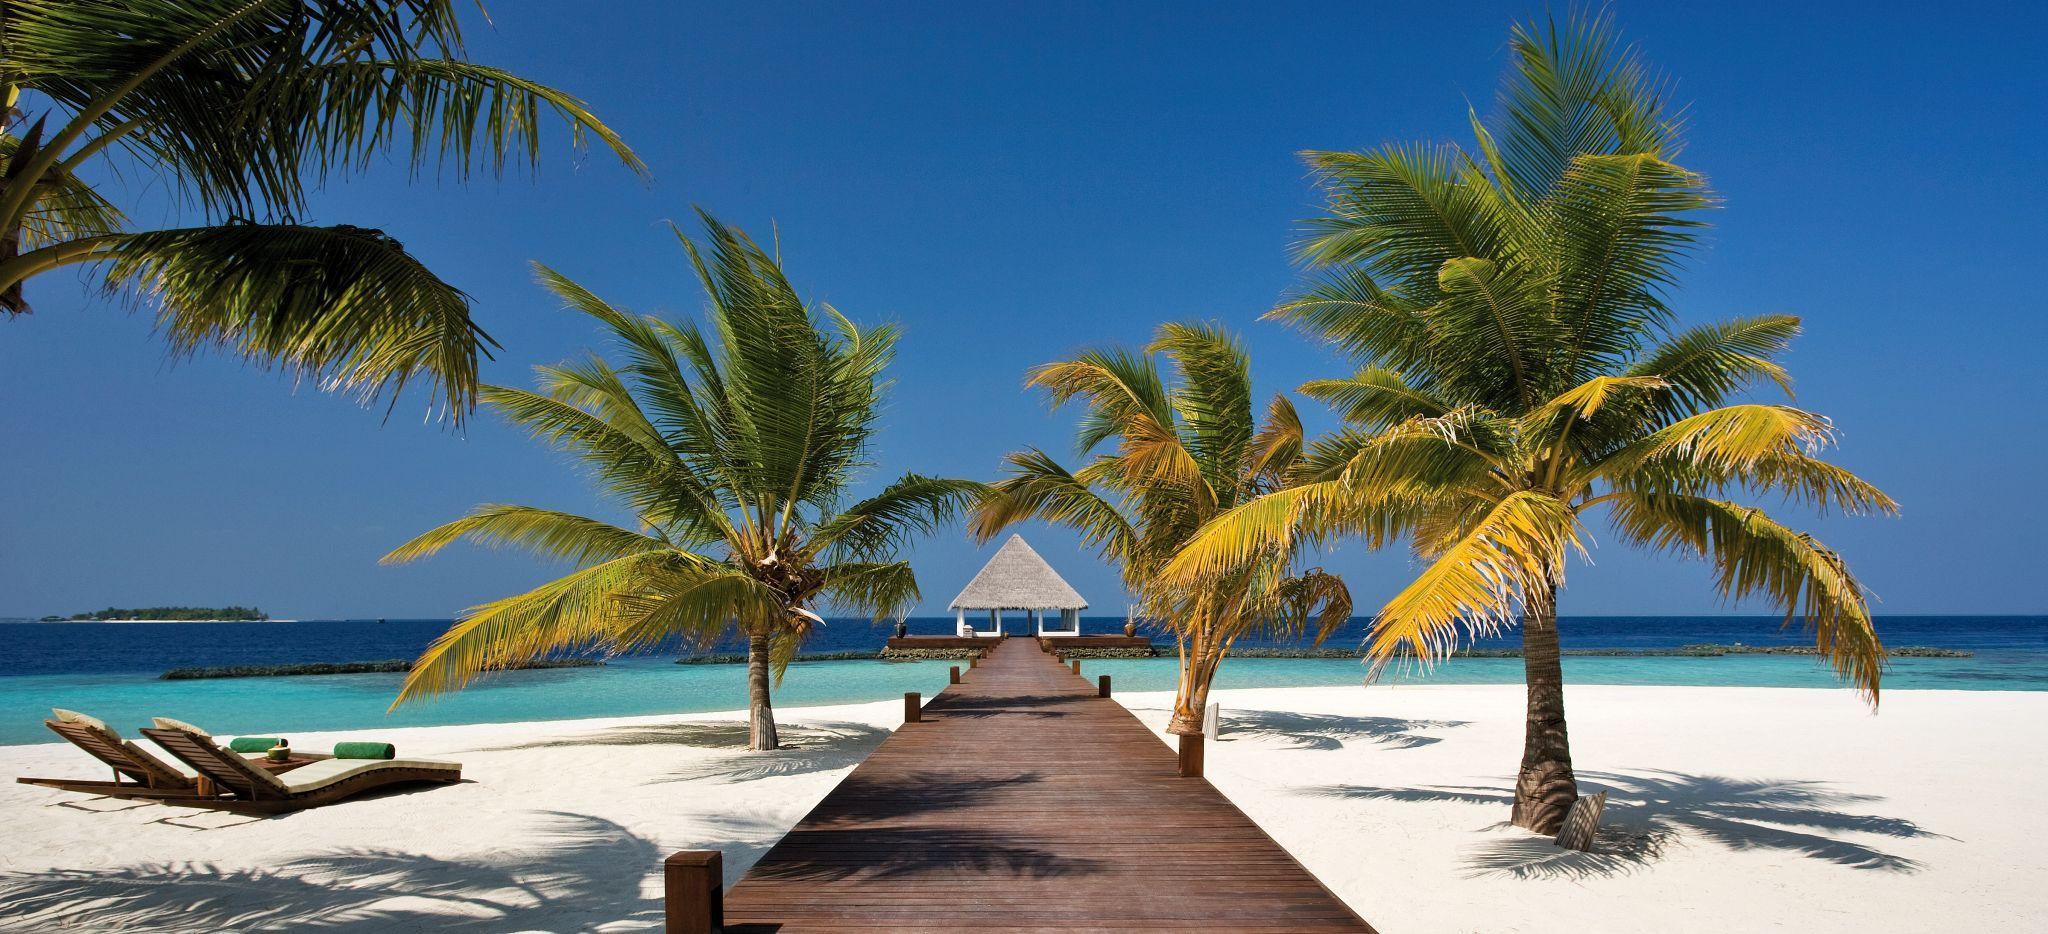 Ein palmenumsäumter Steg auf Strand und über der Lagune der Malediveninsel Coco Palm Bodu Hithi